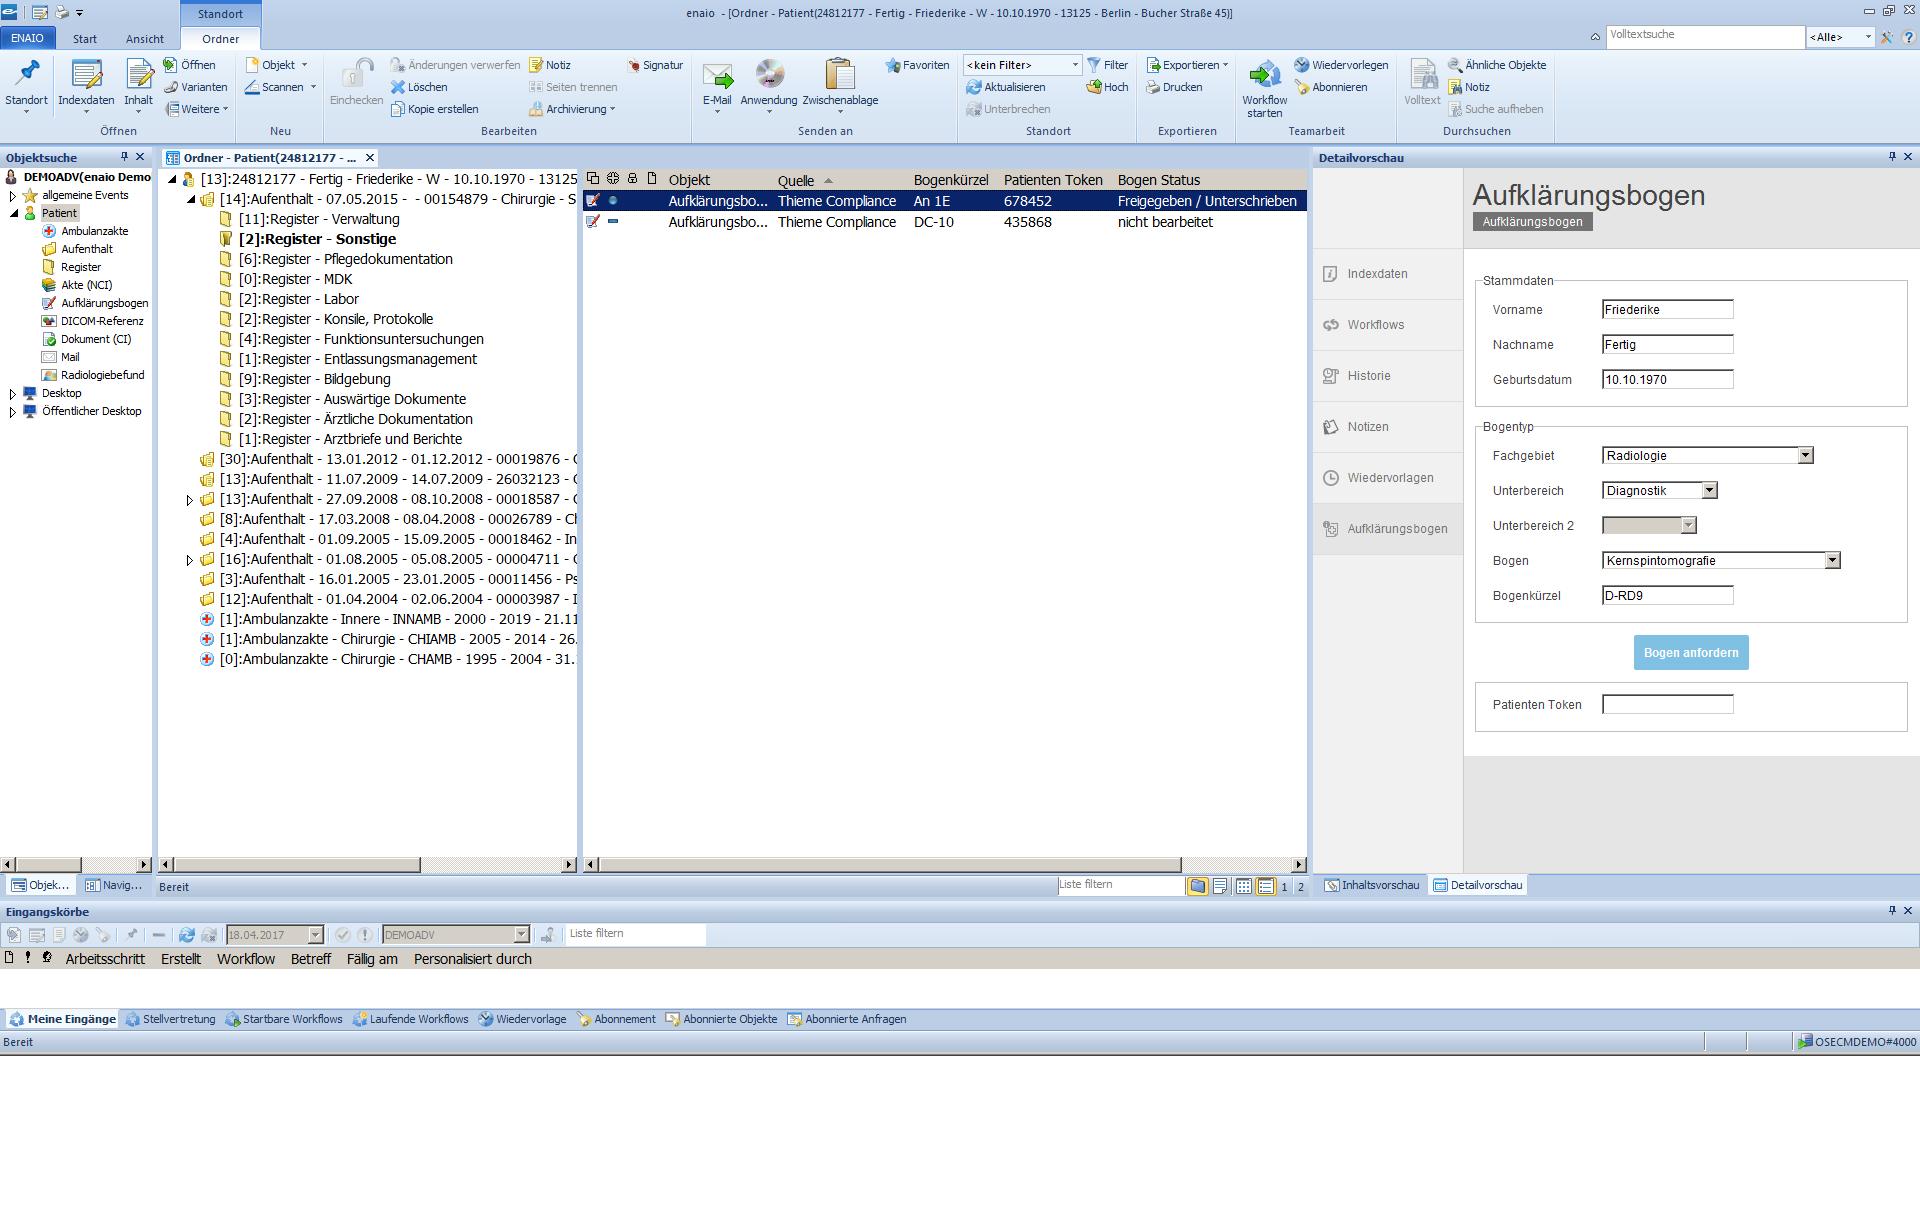 Der Screenshot zeigt den Aufklärungsbogen in enaio®.